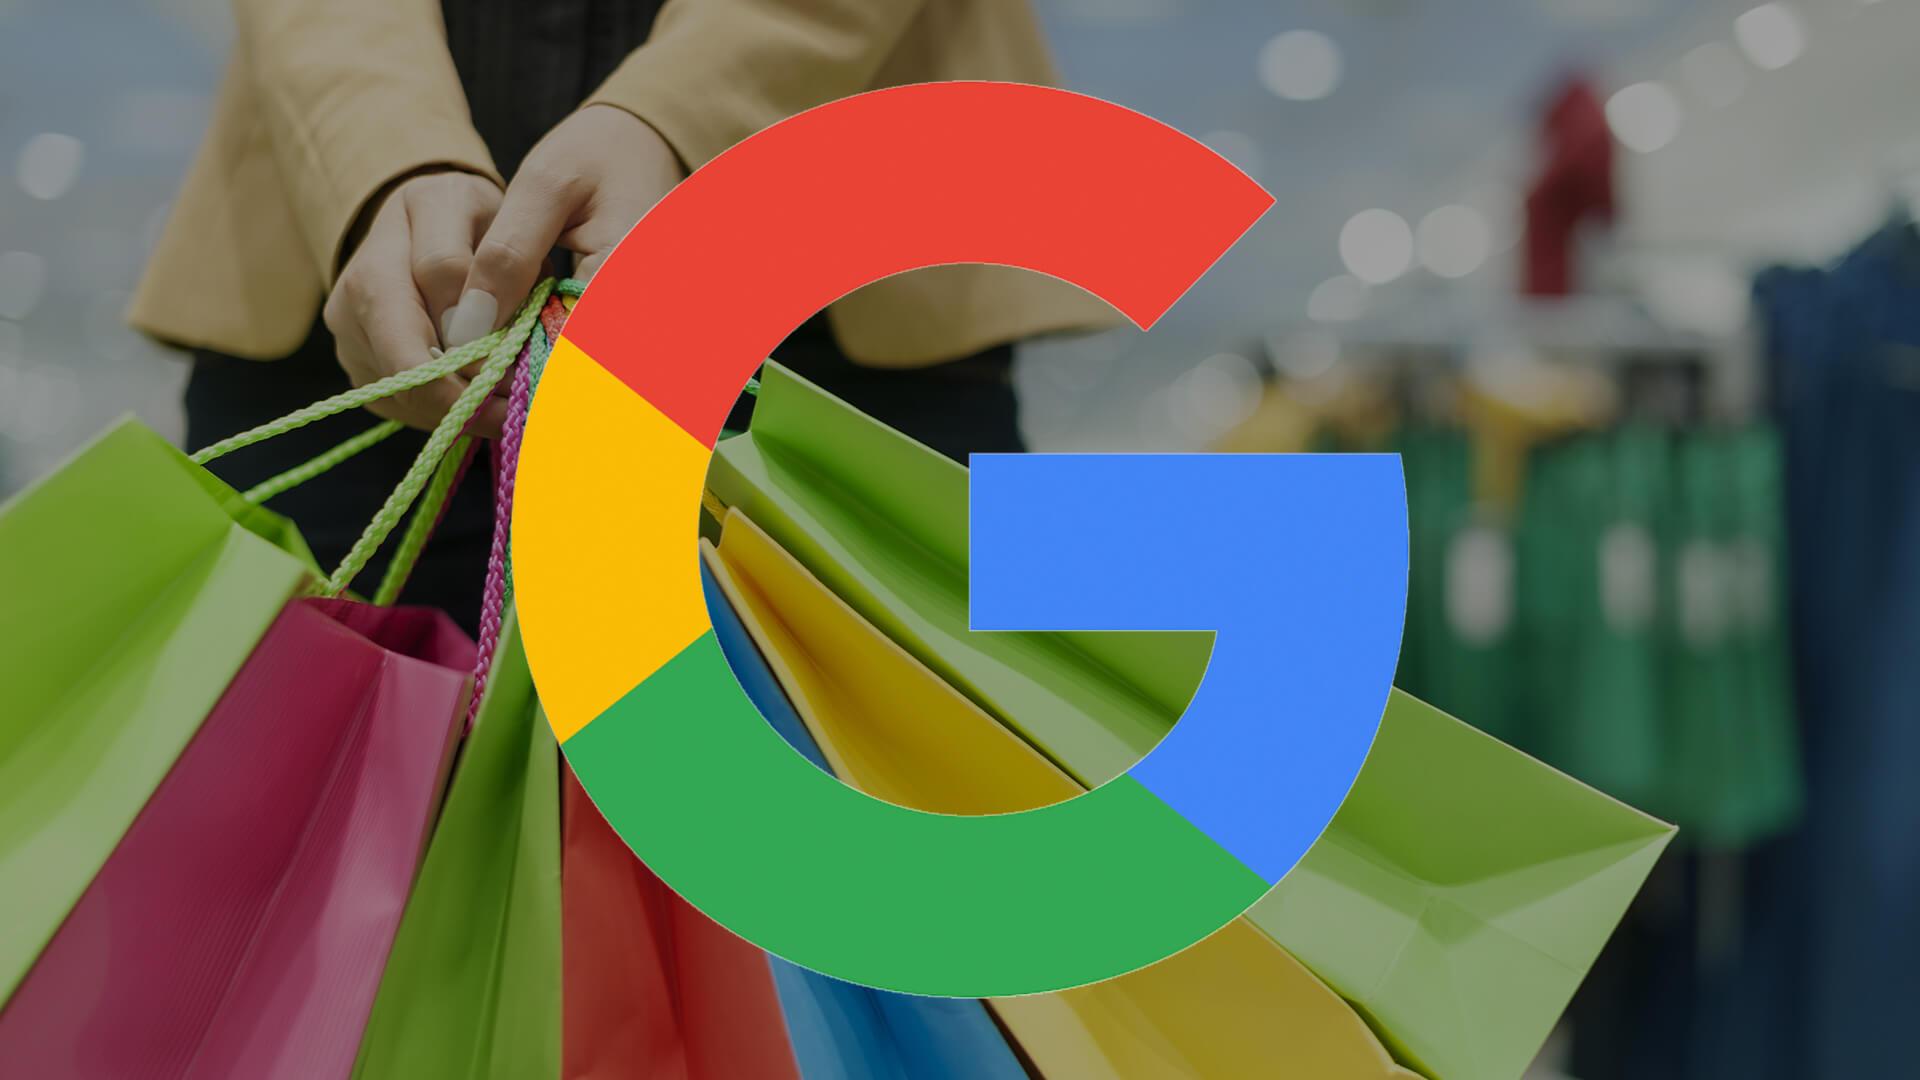 Ahora, obtenga sus anuncios de Google Shopping en Gmail, Discover, YouTube